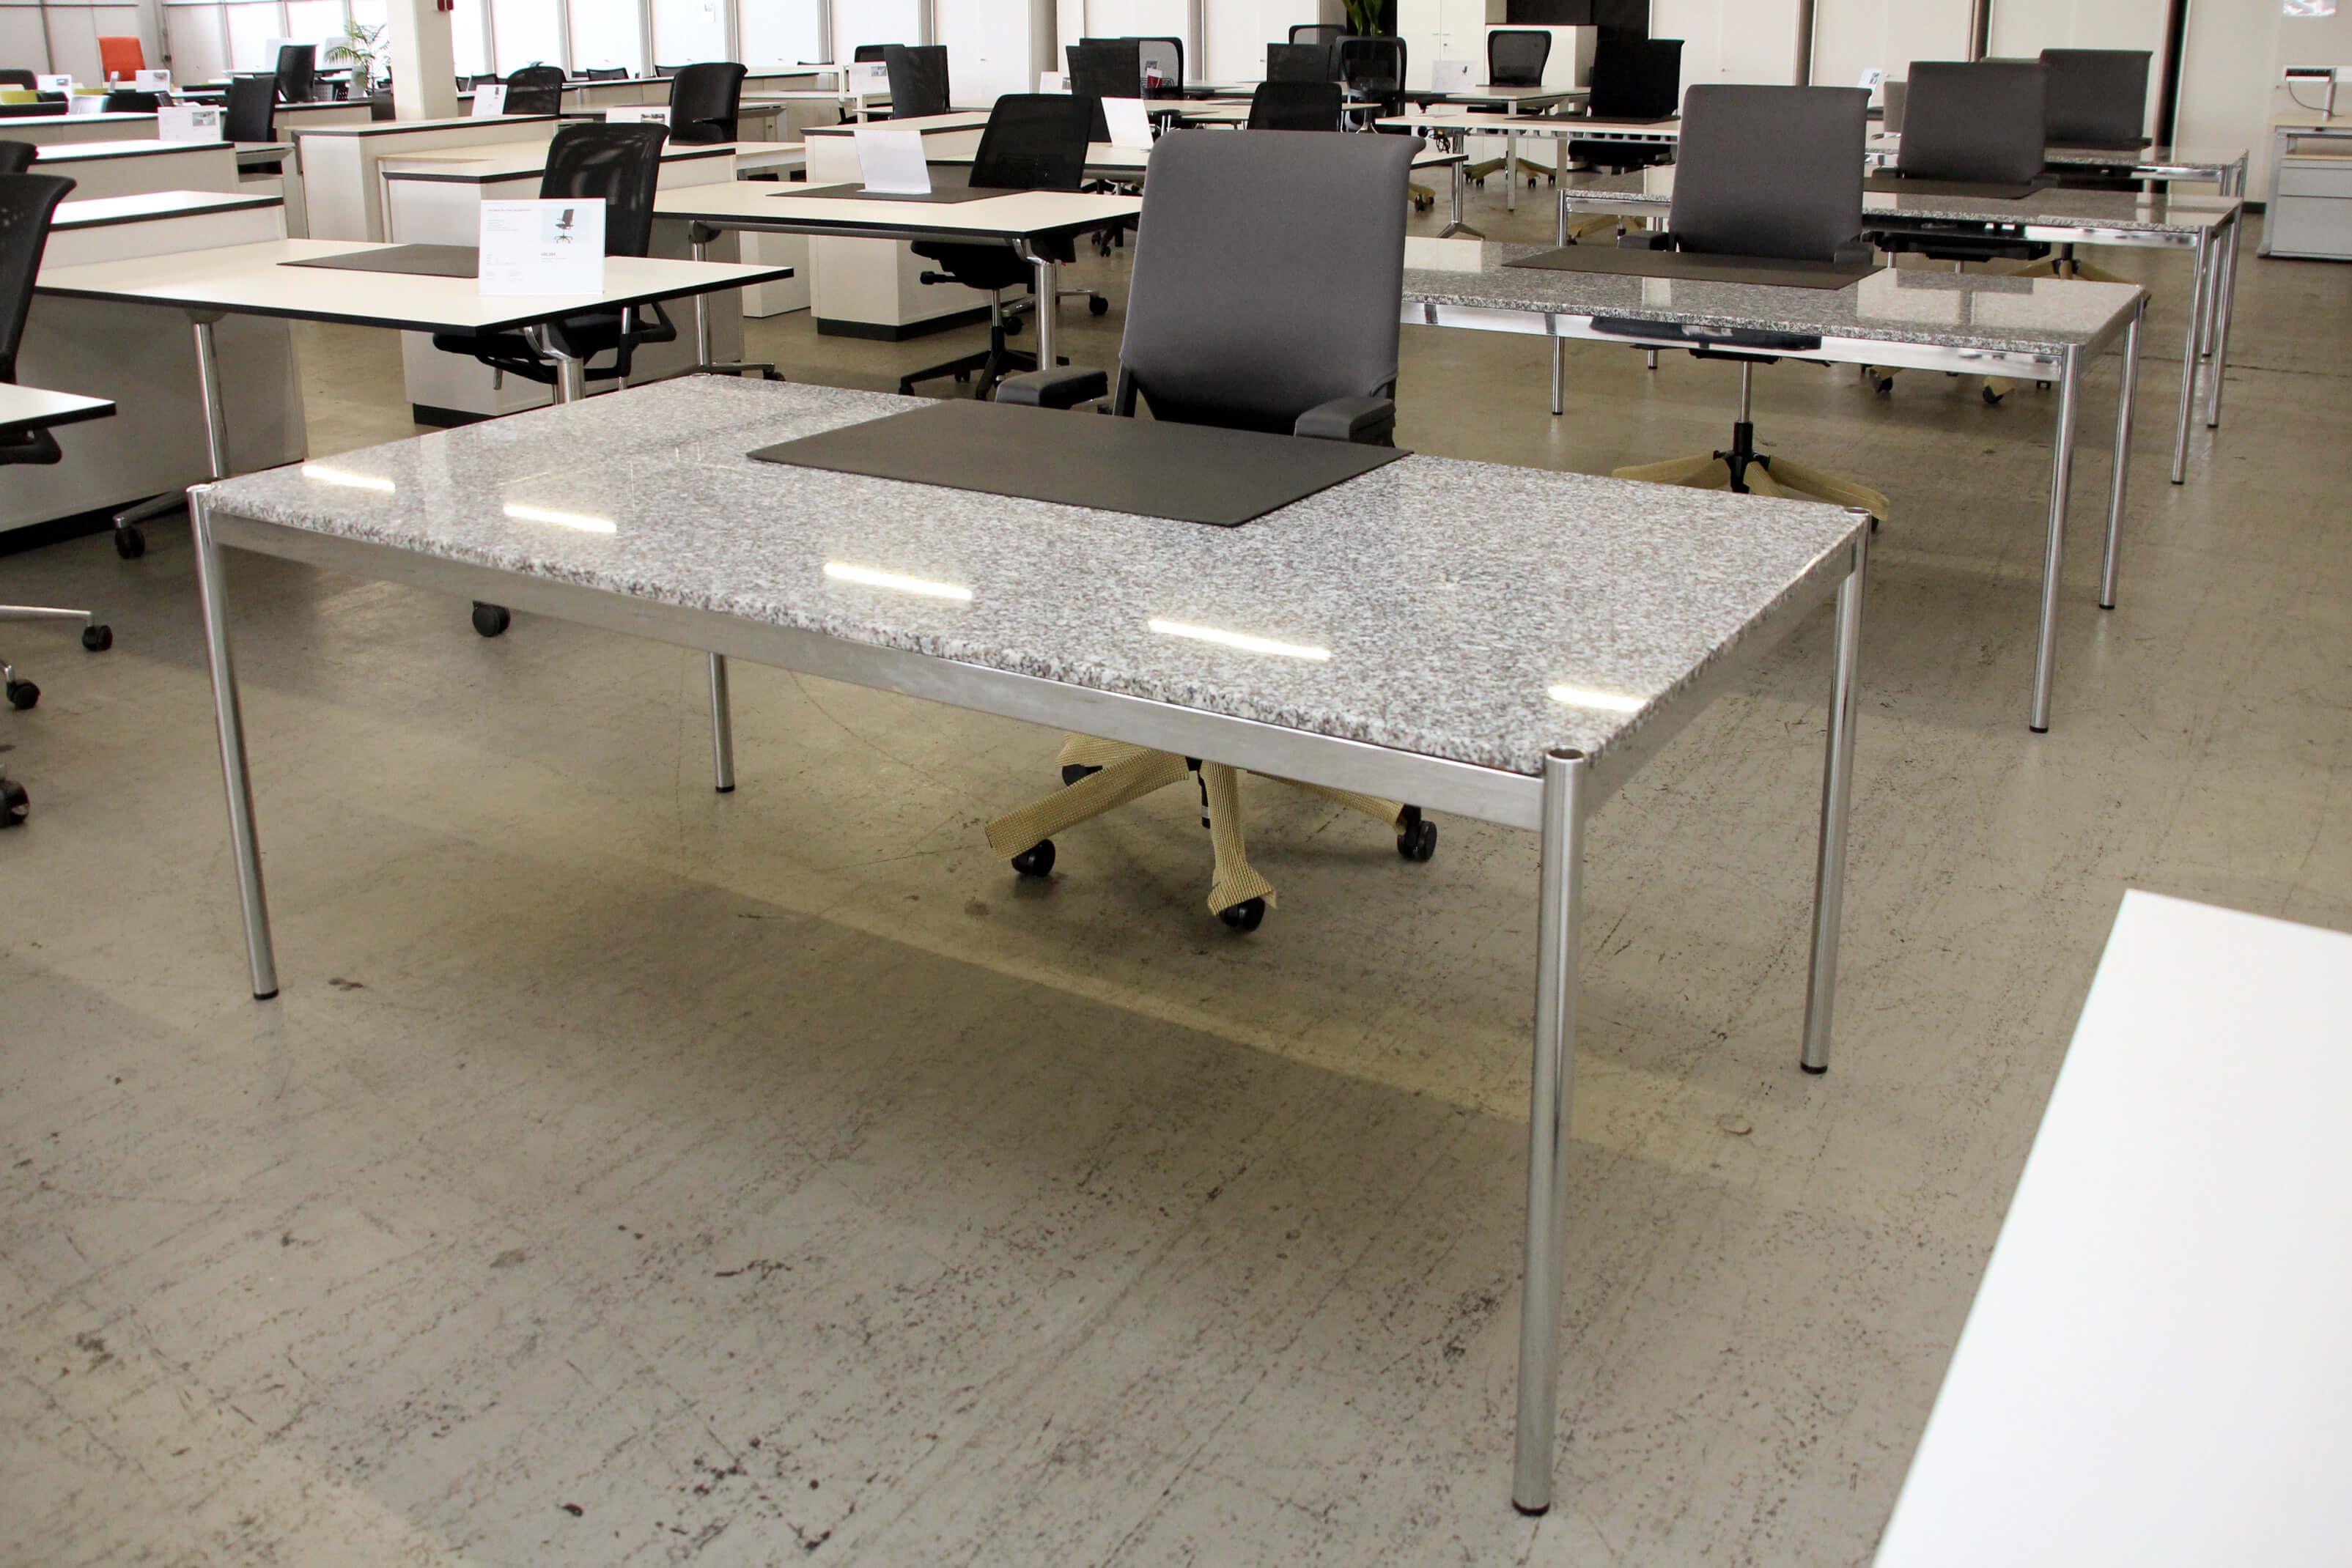 Usm Haller Granit Schreibtisch 200 X 100 Cm Desks Usm Haller